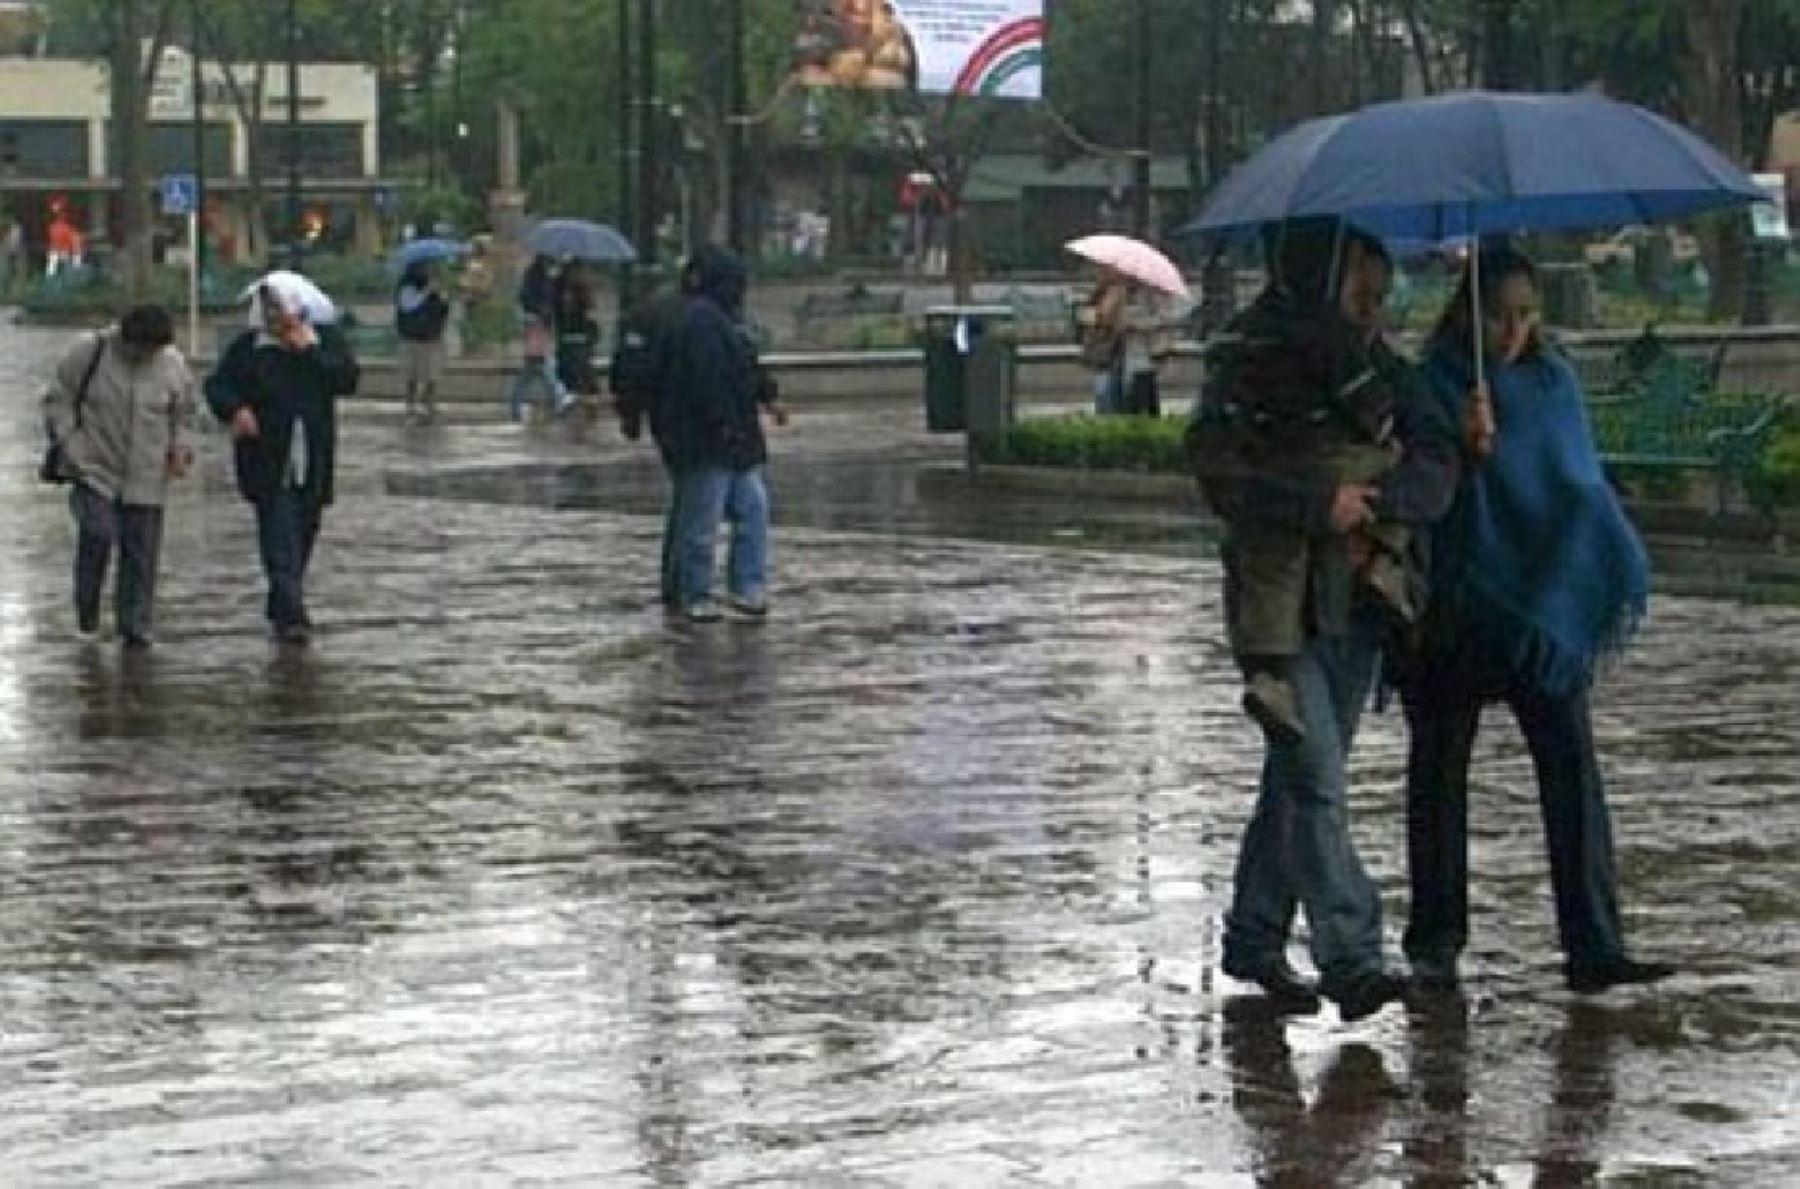 Lluvias de moderada intensidad se presentarían hasta esta medianoche en 12 regiones, pronosticó el Senamhi. ANDINA/Difusión